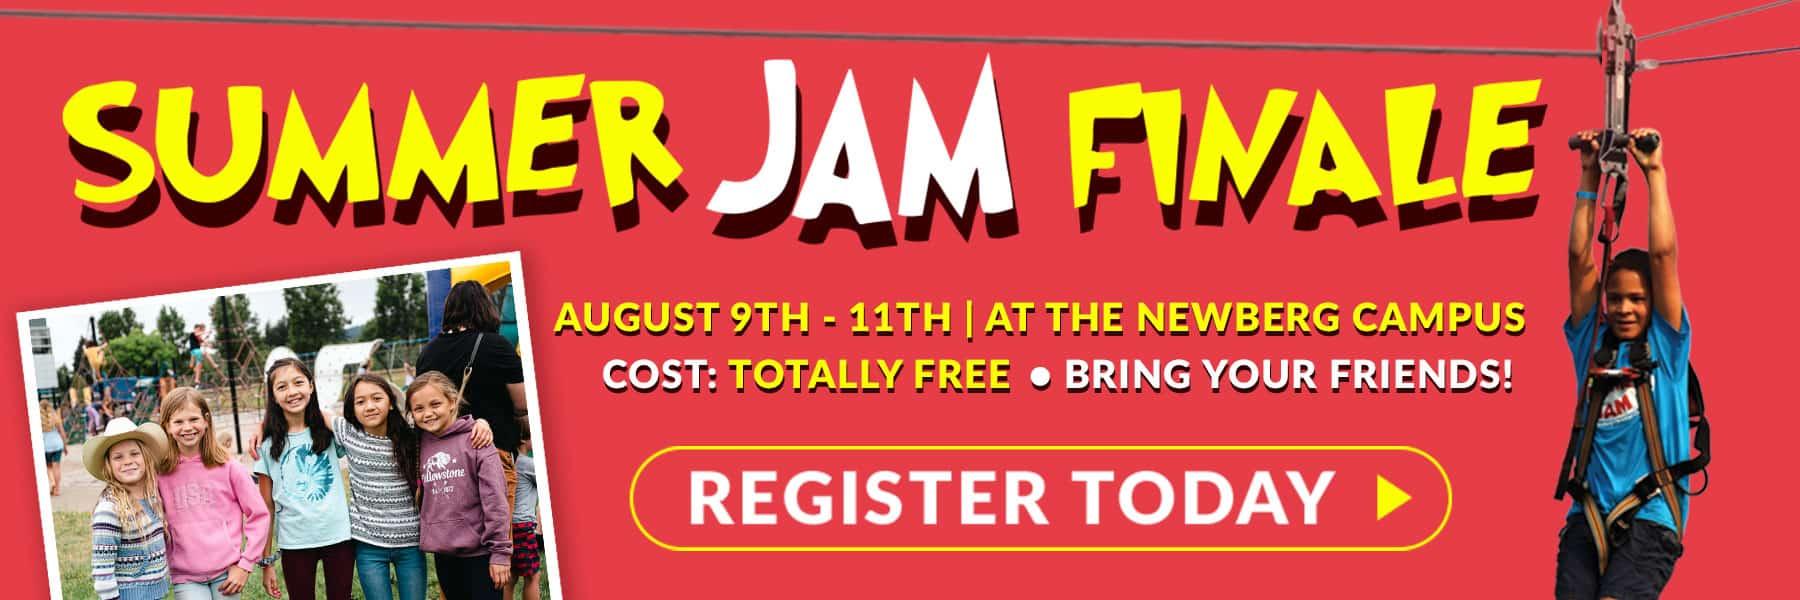 Summer Jam Finale - Registration